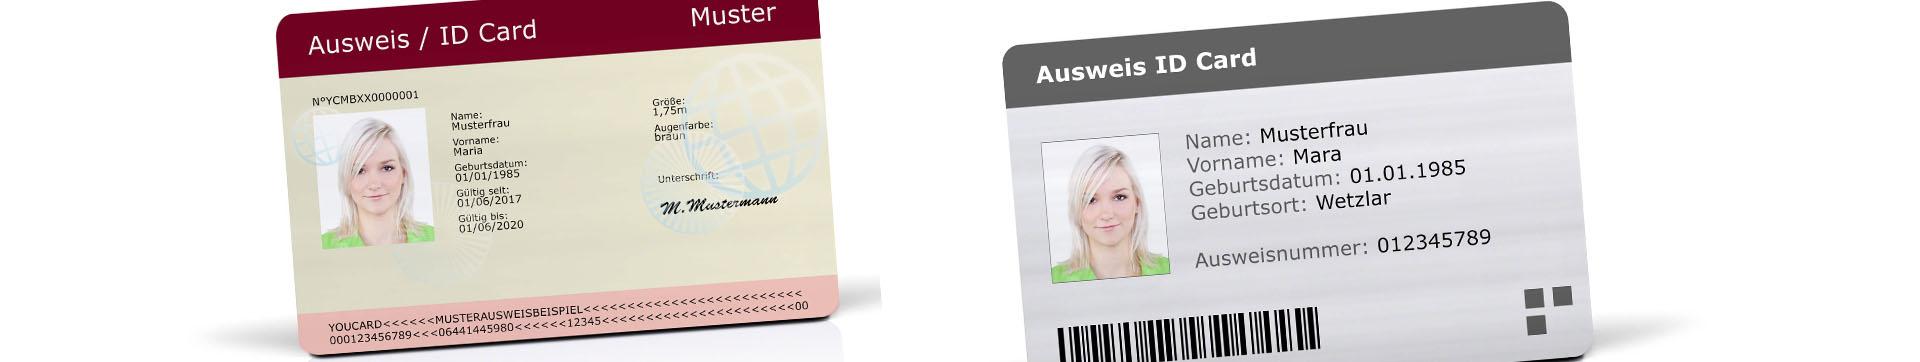 foto ID karten